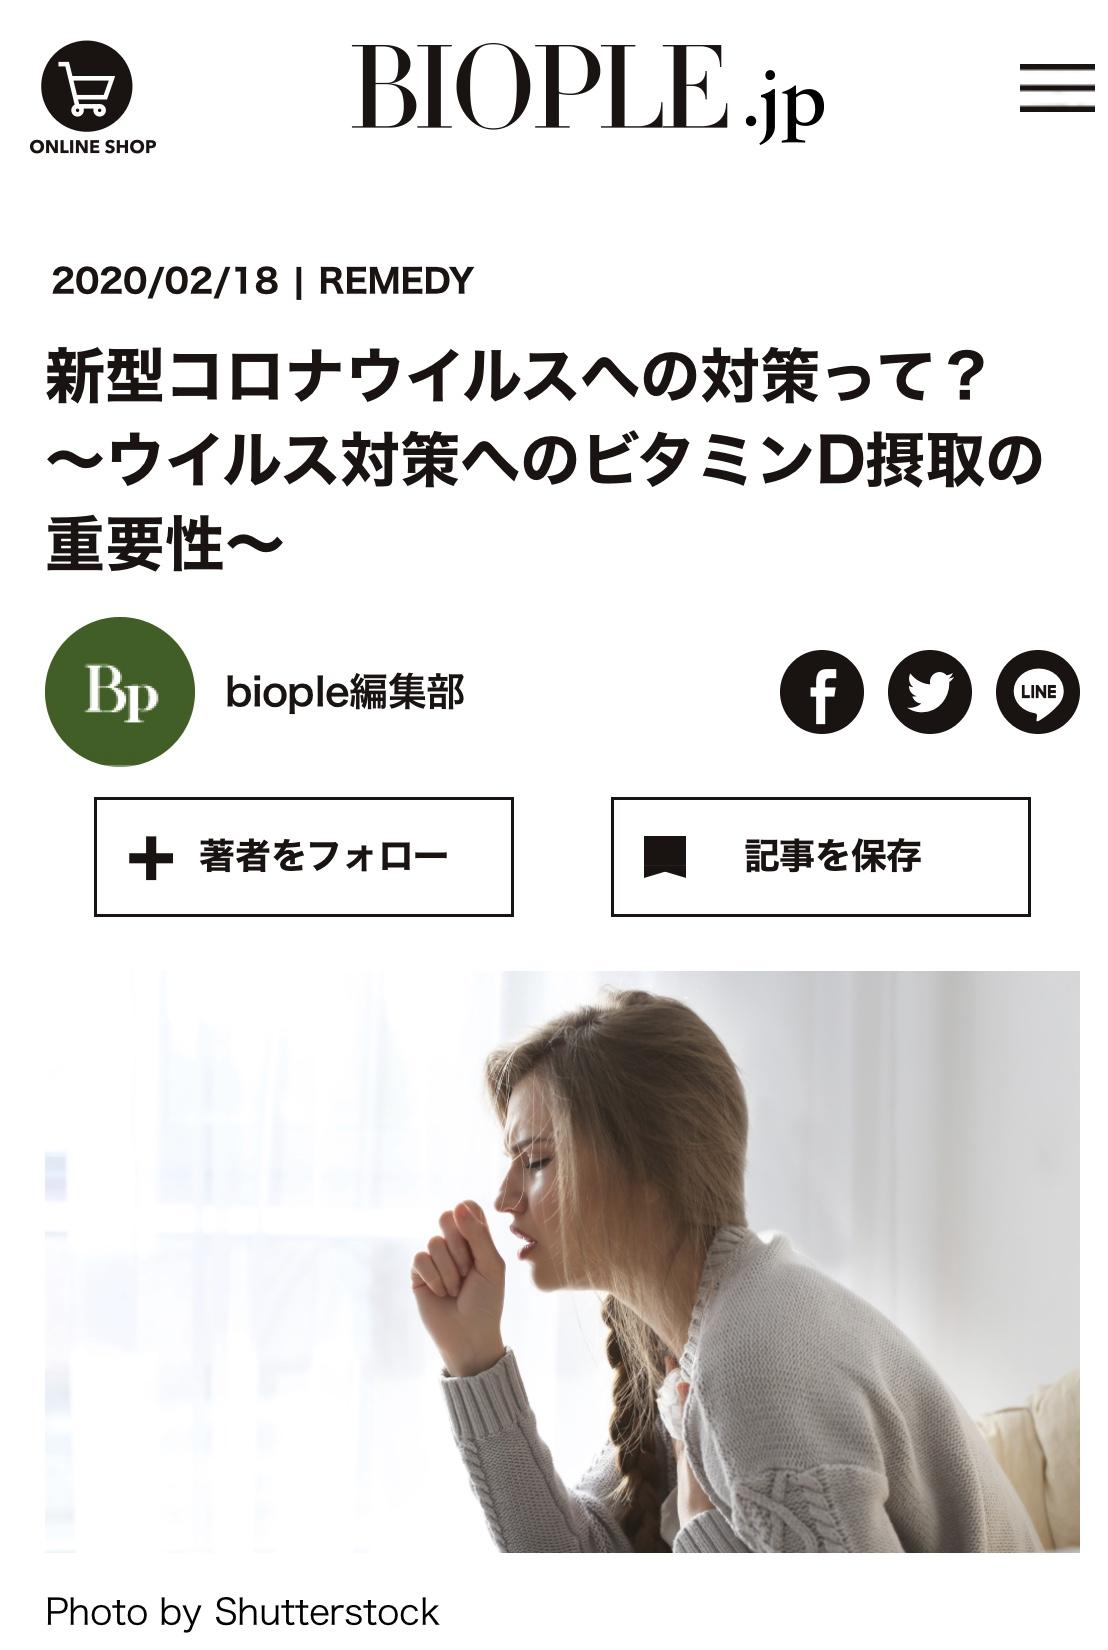 LINEクーポン配信中【天神店・中洲店】コロナウイルスと日焼けの関係